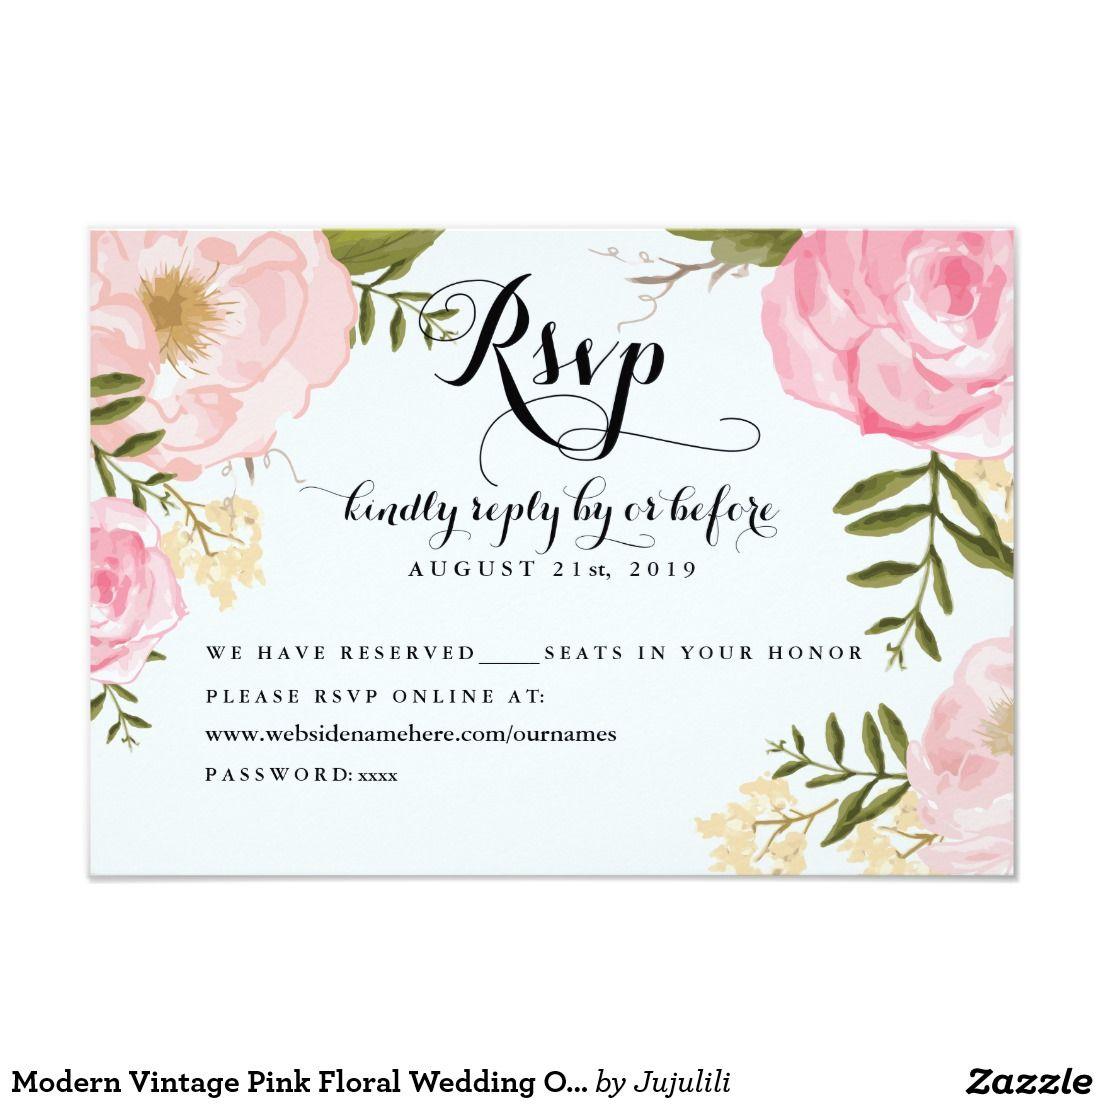 Modern vintage pink floral wedding online rsvp 35x5 paper invitation card flowery wedding for Free rsvp cards